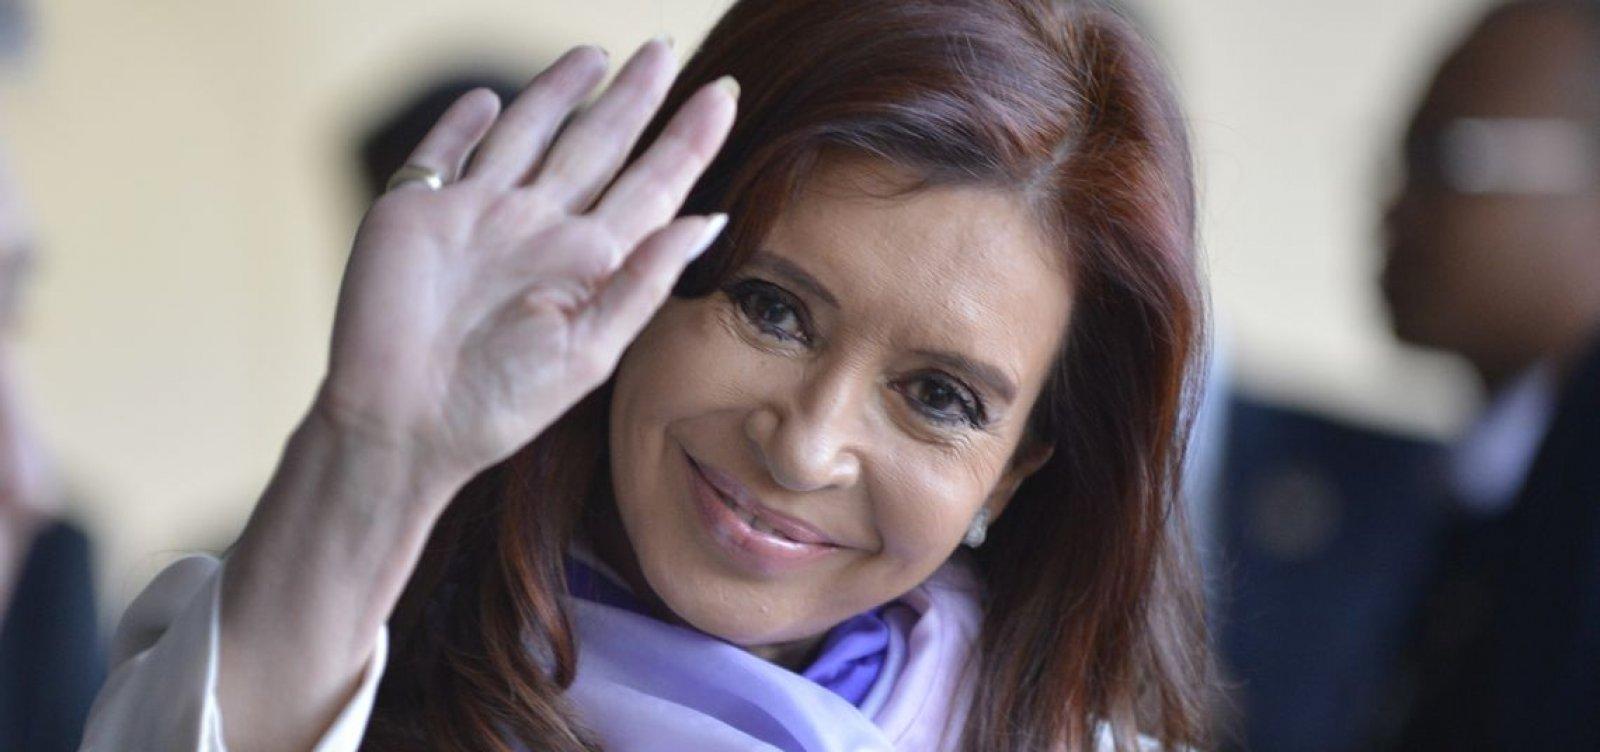 [Cristina Kirchner vai a juízo no caso dos Cadernos das Propinas]